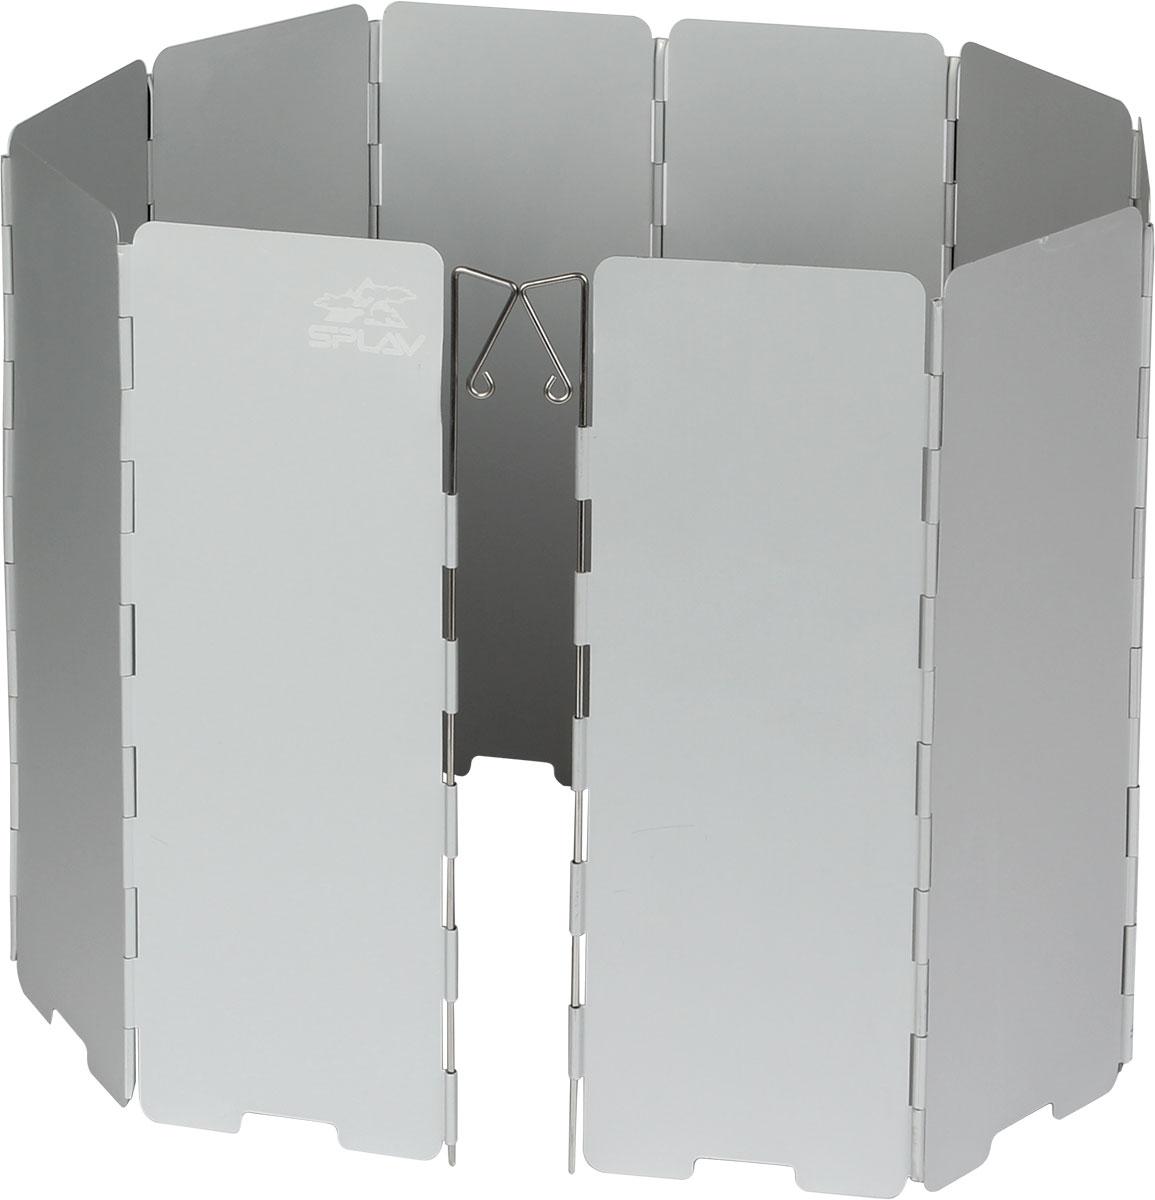 Ветрозащитный экран Сплав5108740Компактный защитный экран от ветраСохраняет тепло пламениСпособствует экономии топливаУскоряет время приготовления пищи10 секций845 х 240 ммВес с чехлом: 291 гВес без чехла: 260 г